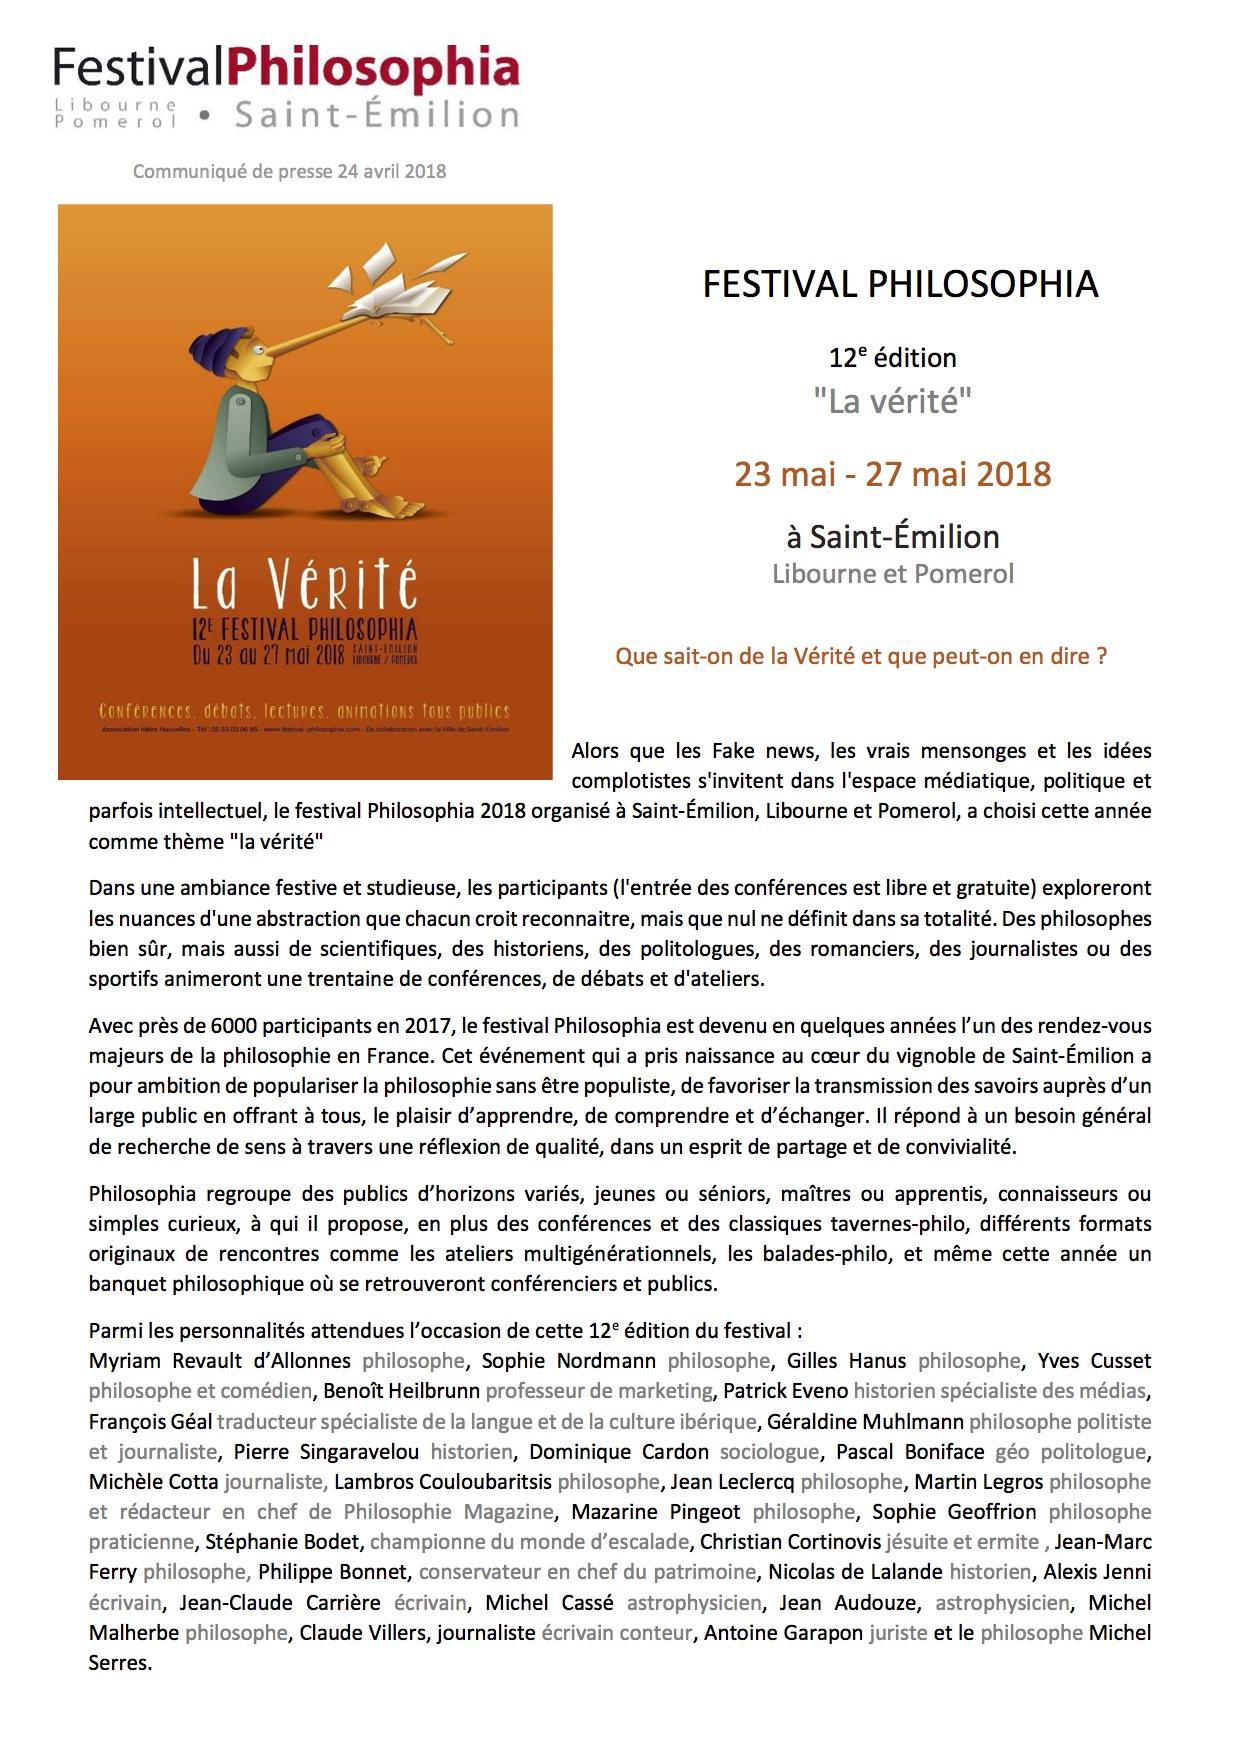 cp-festival-philosophia-27avril-2018